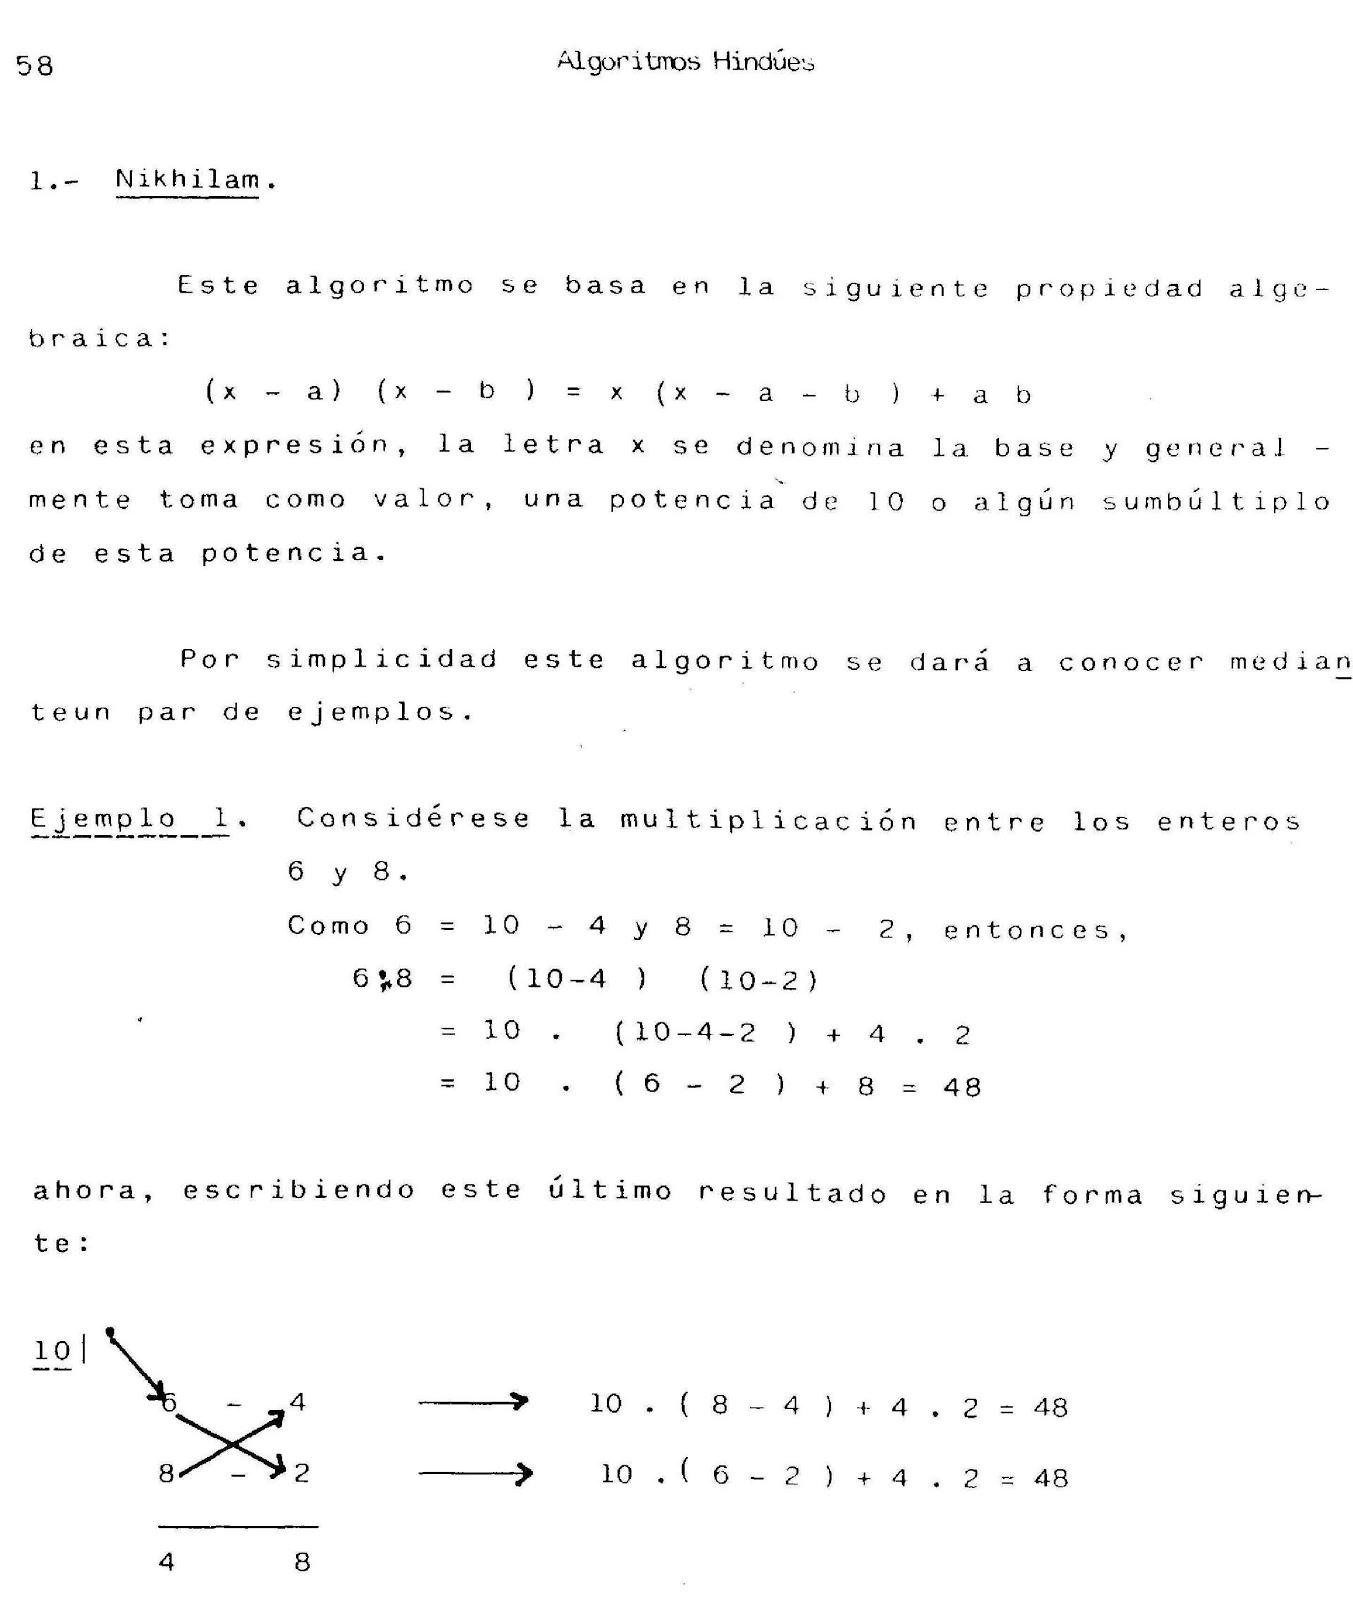 Algoritmos Hindúes_2_0001.jpg